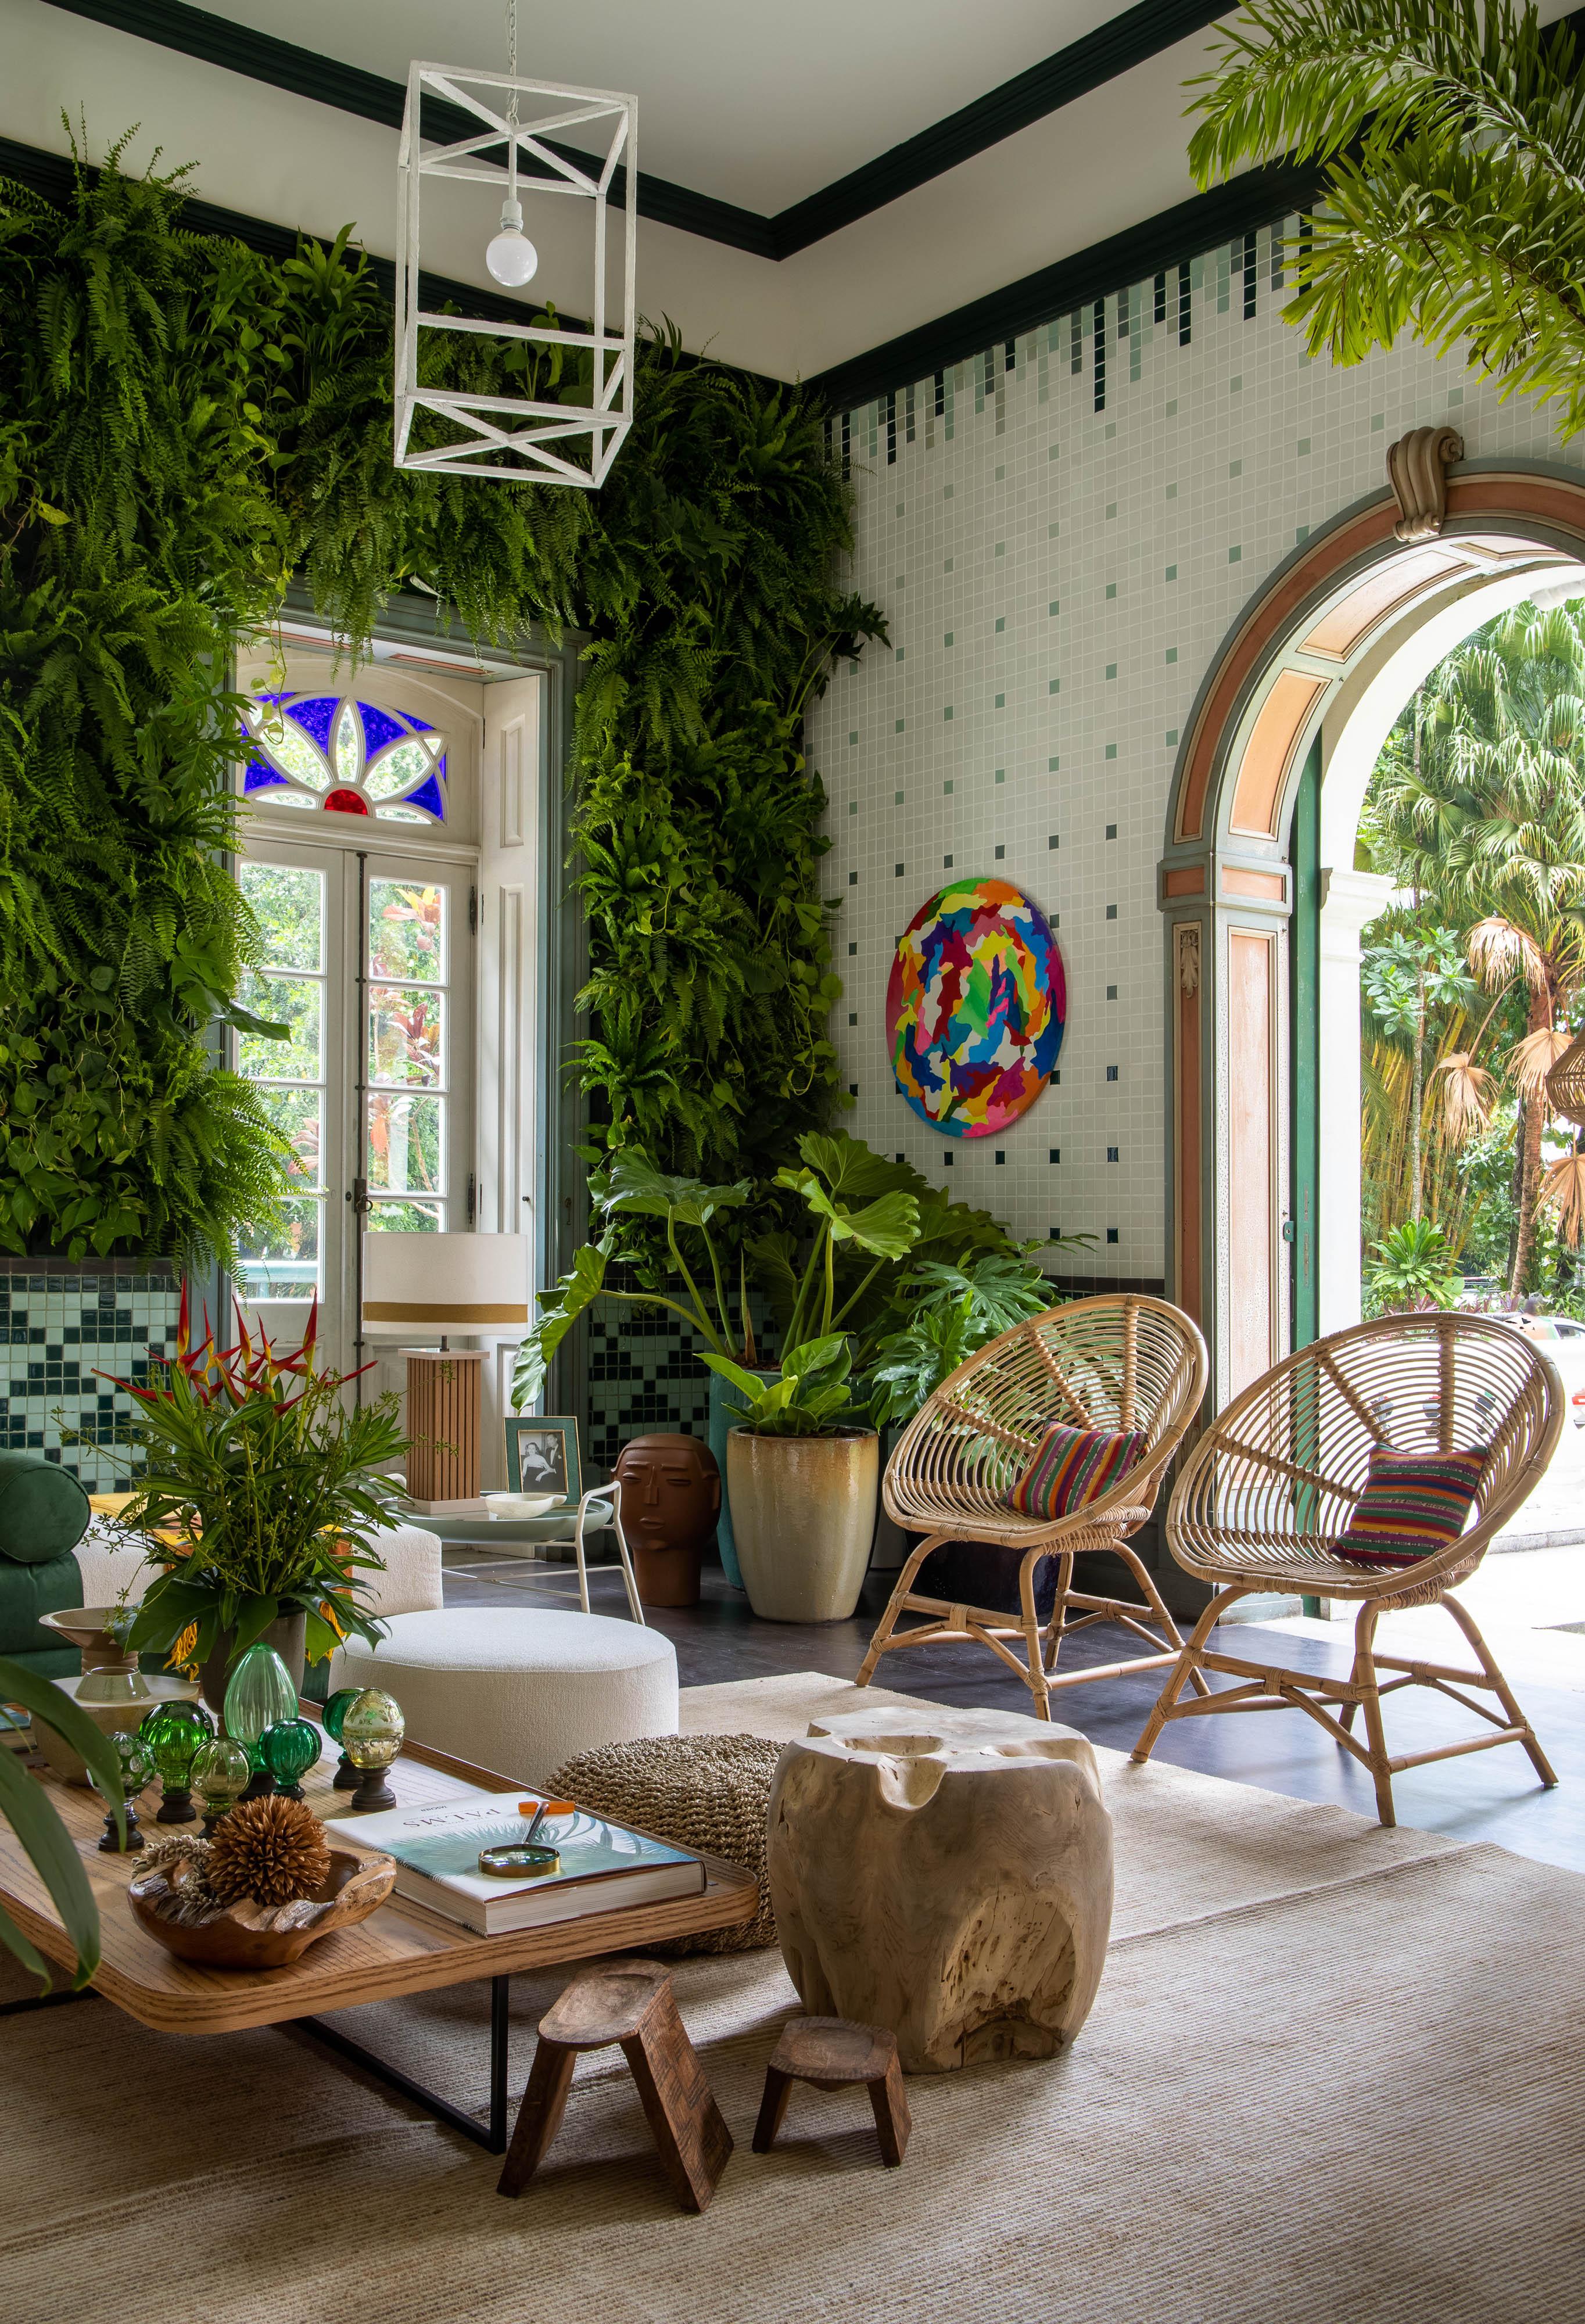 Jardim de inverno com parende de plantas e móveis em tons de bege